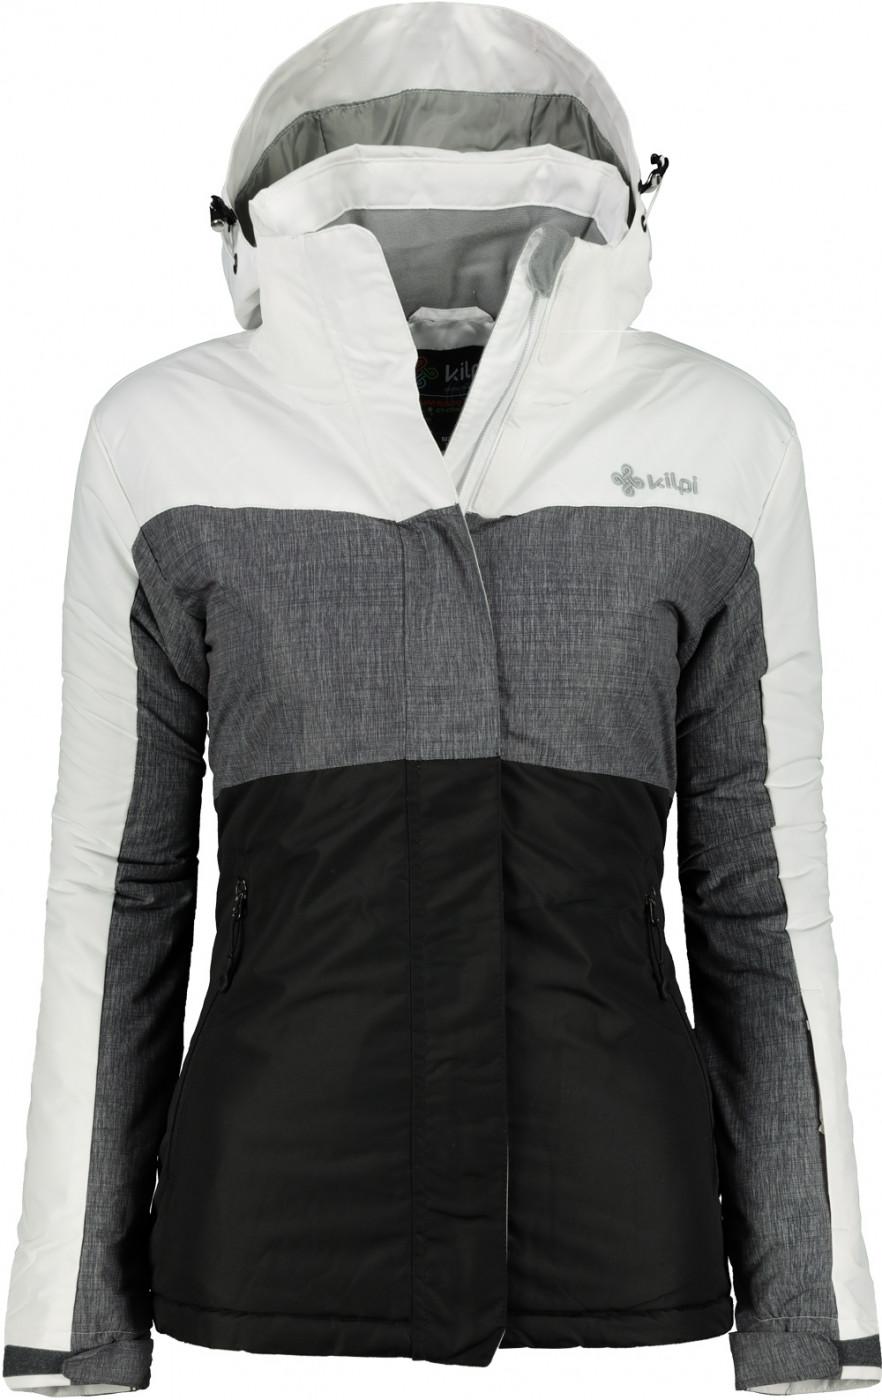 Women's jacket Kilpi MILS W